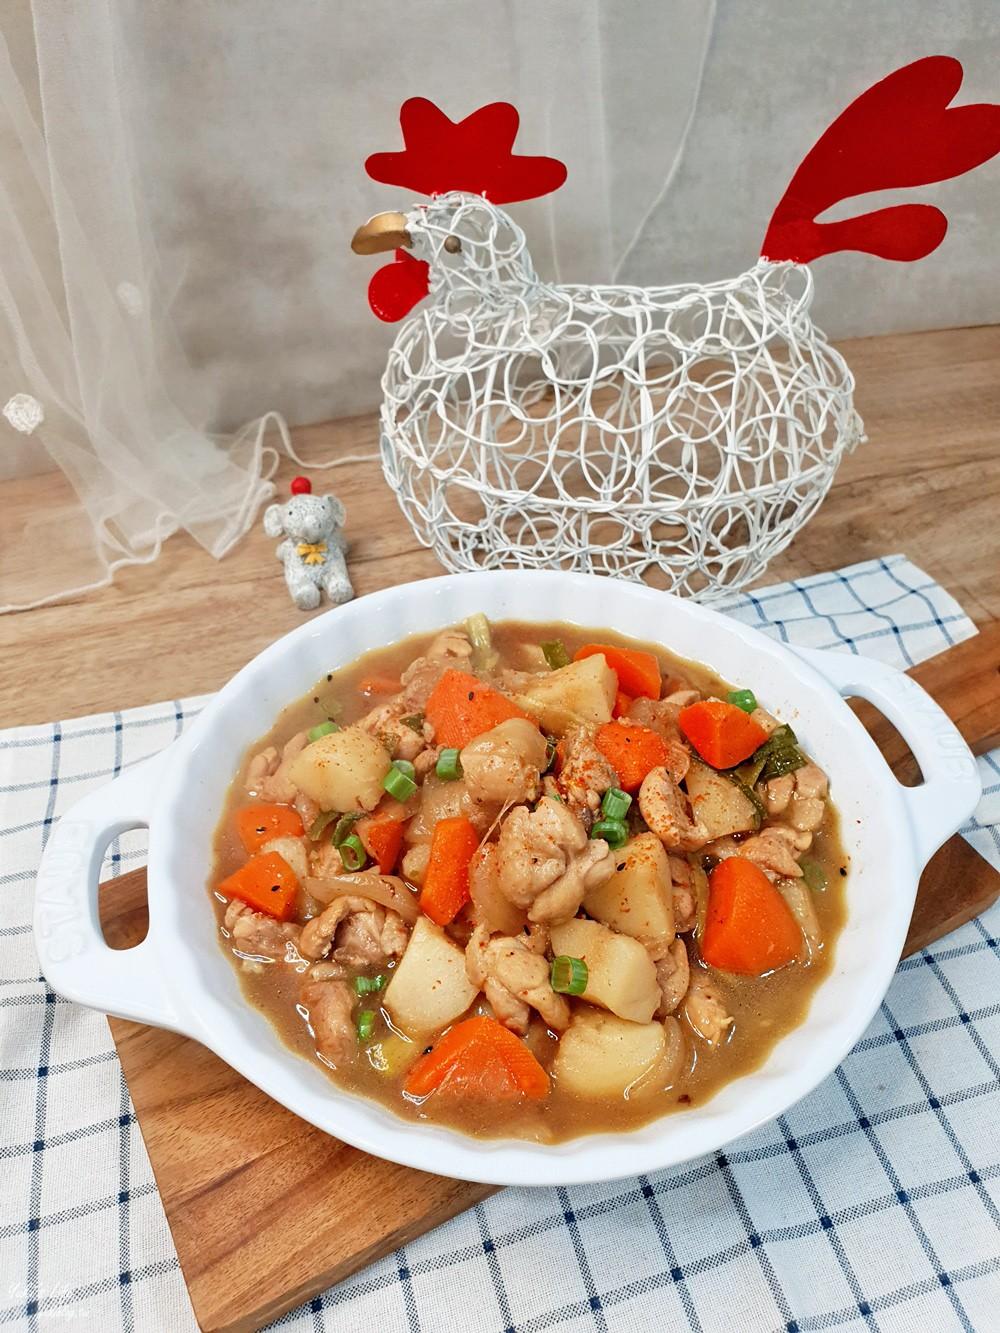 簡單食譜》馬鈴薯燉肉~白飯好朋友也太下飯了!鬆軟馬鈴薯超好吃~ - yukiblog.tw